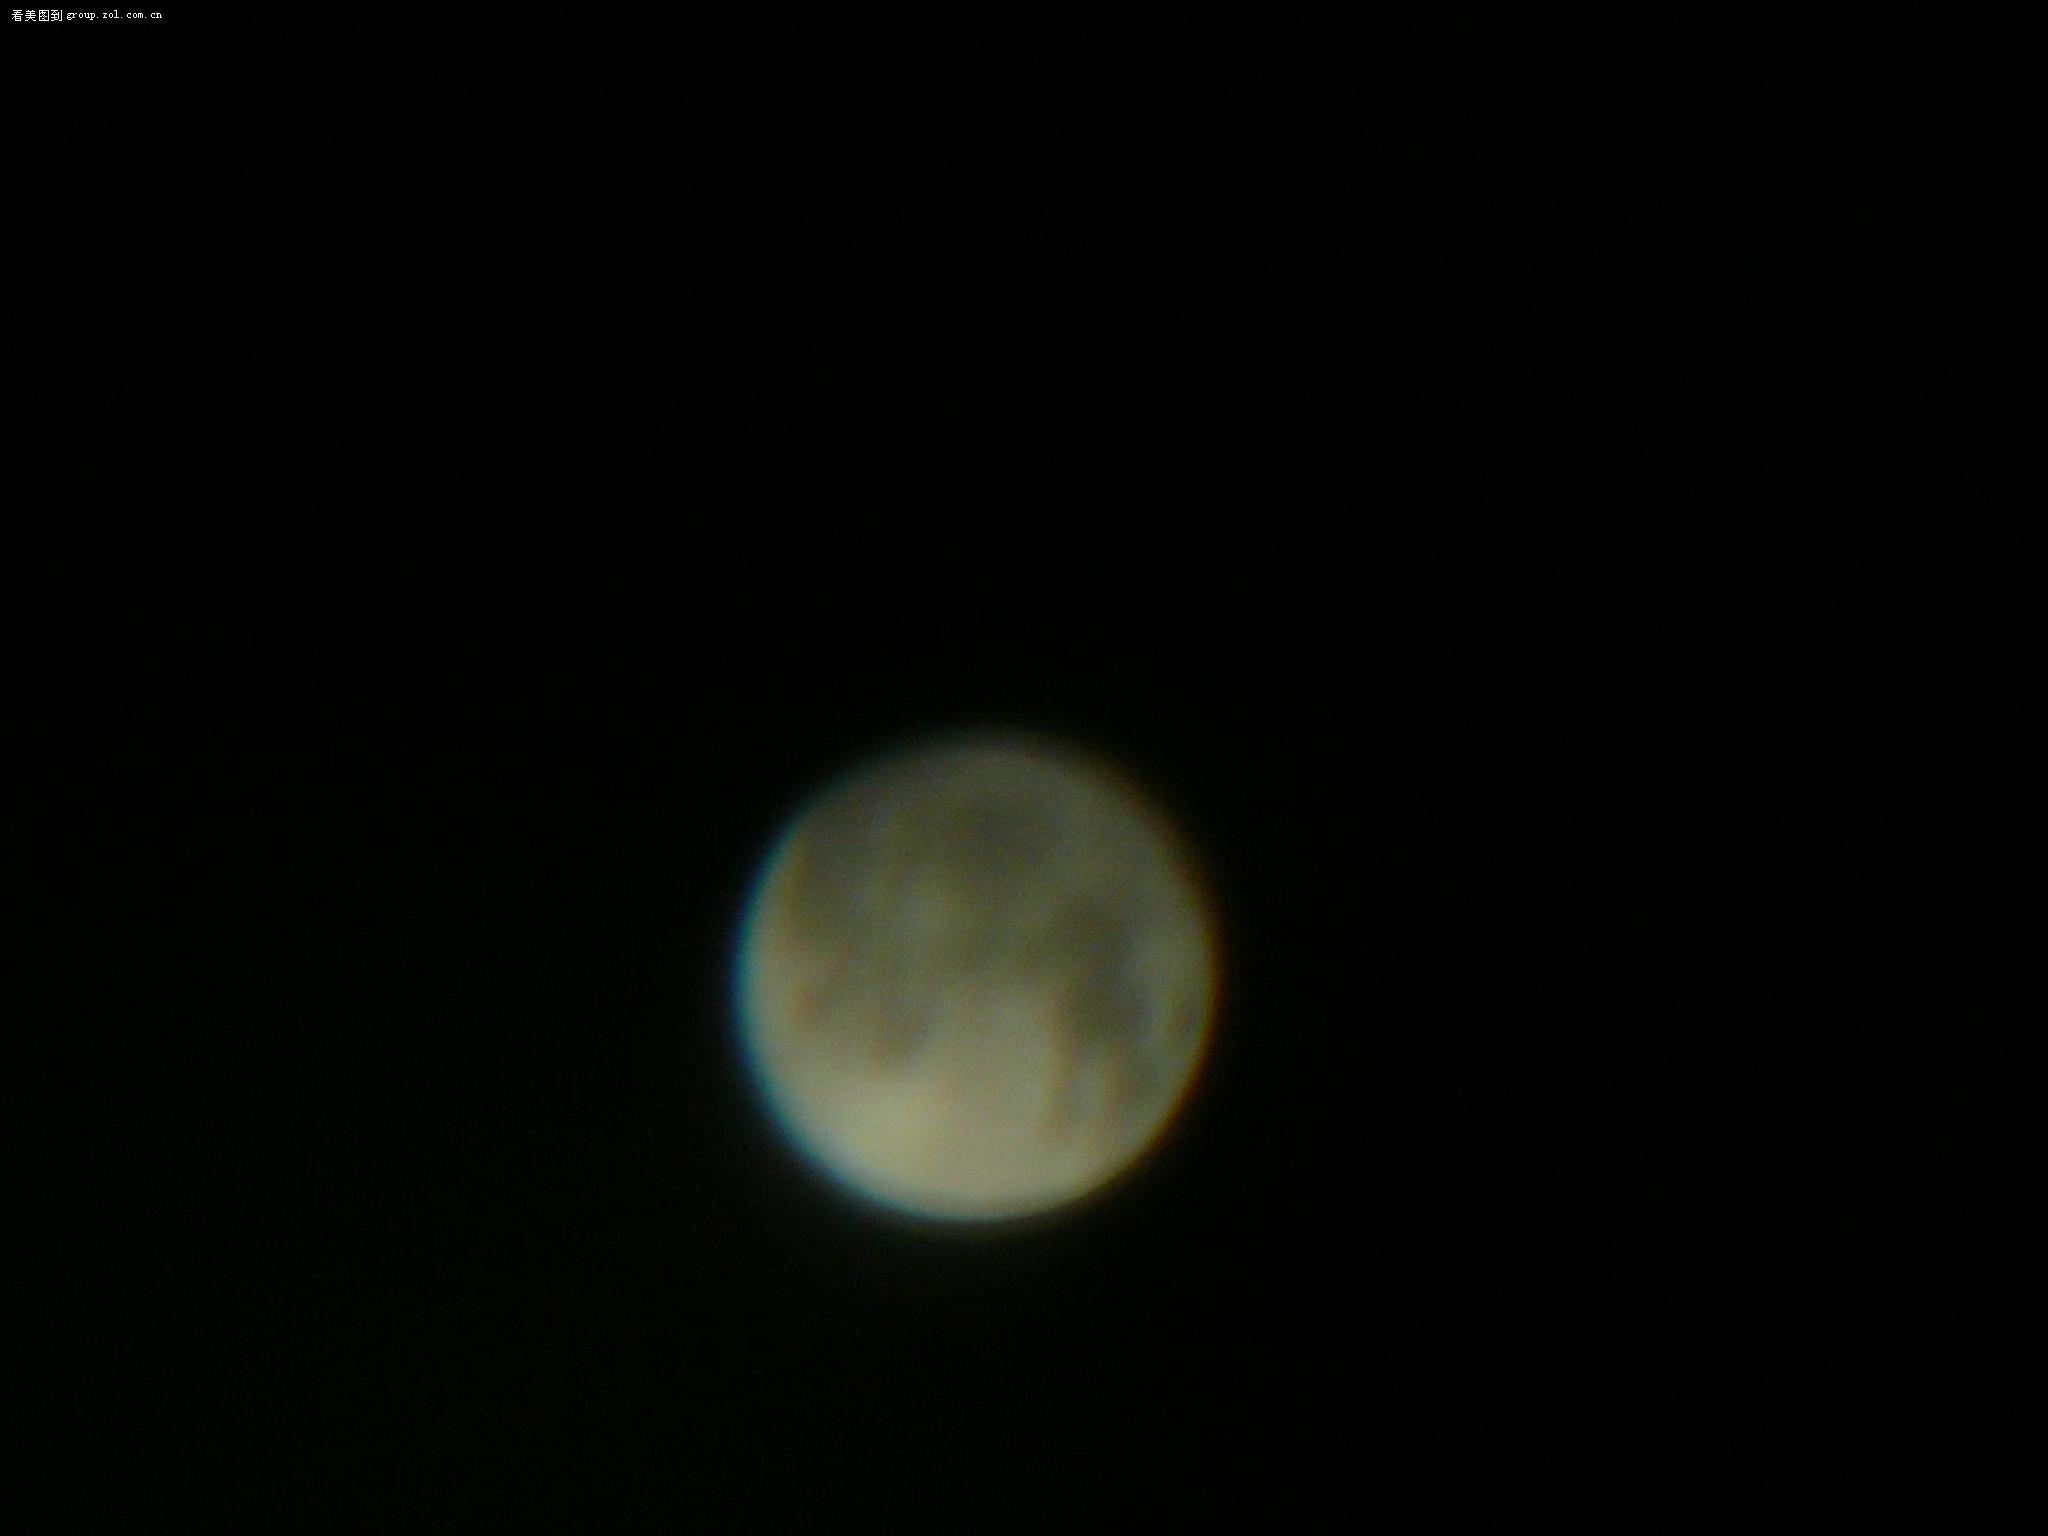 【拿望远镜拍月亮】-松下